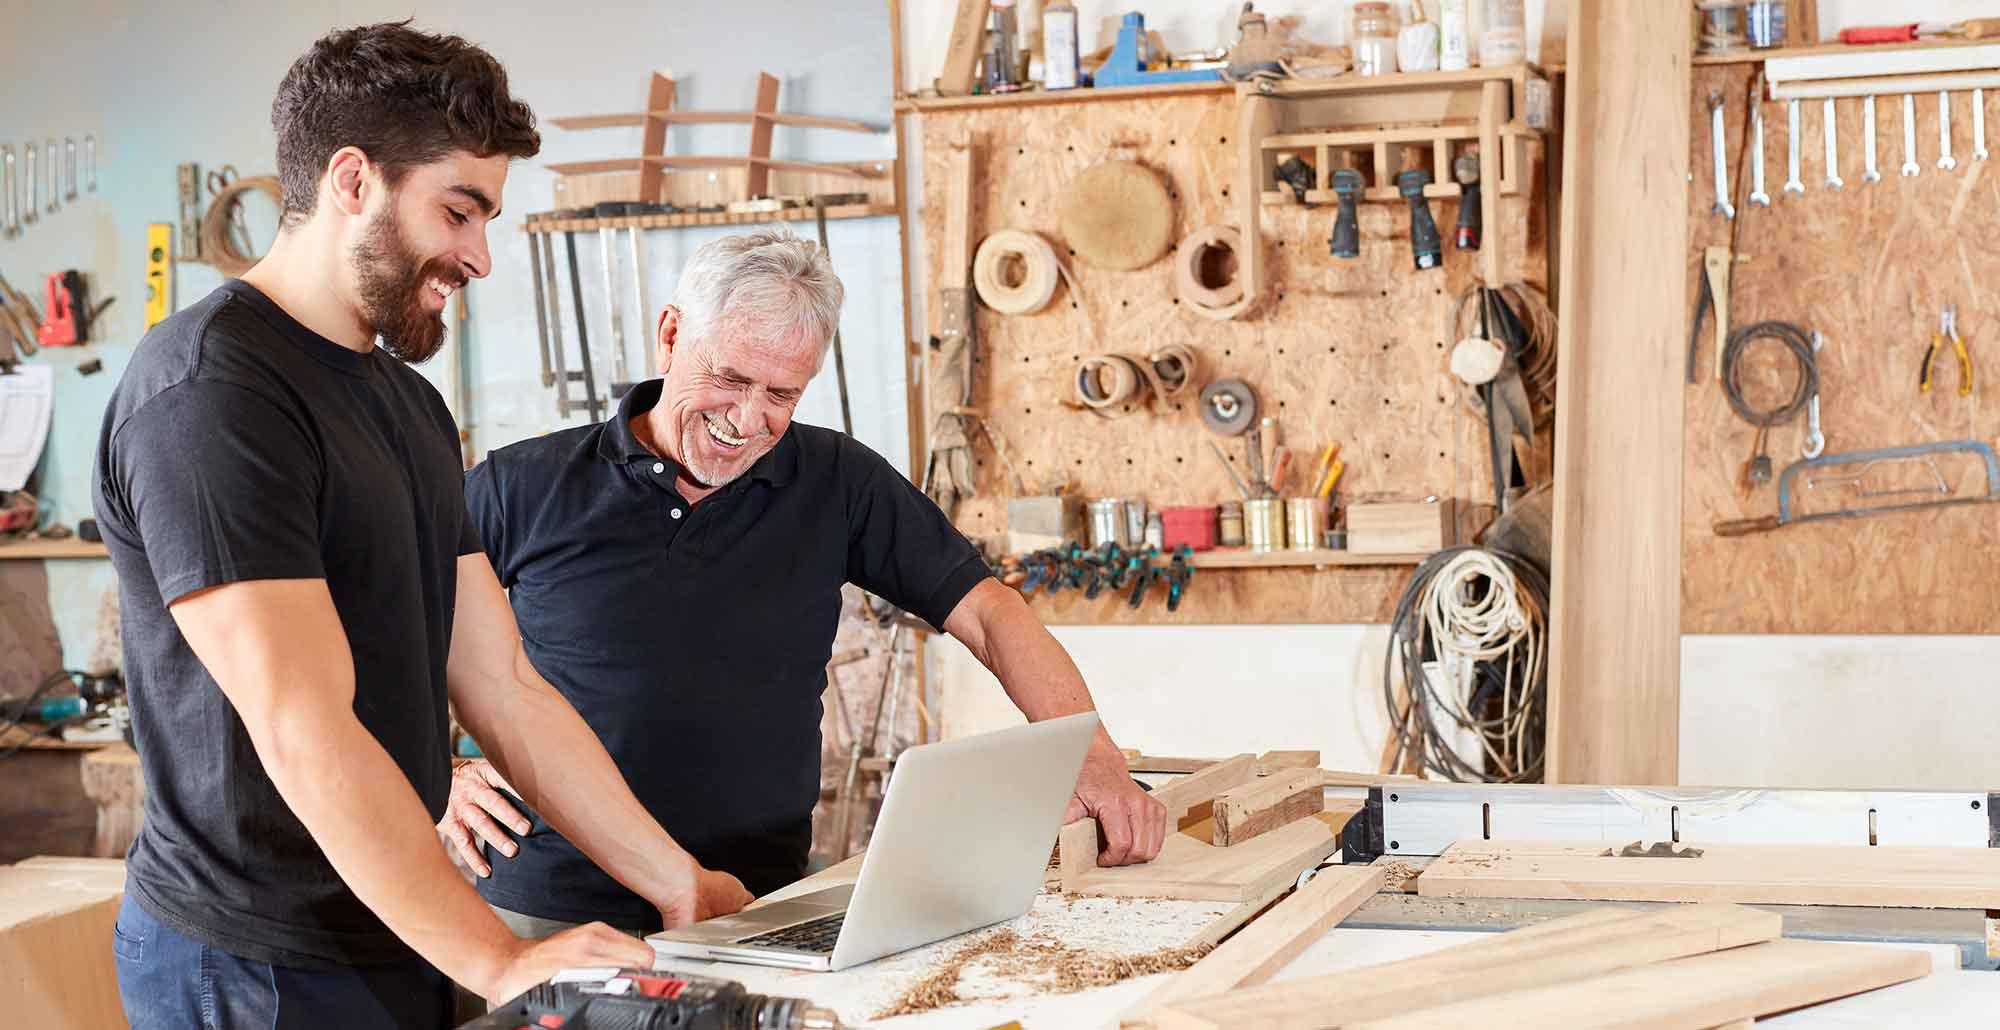 Vater mit Sohn in der Werkstatt